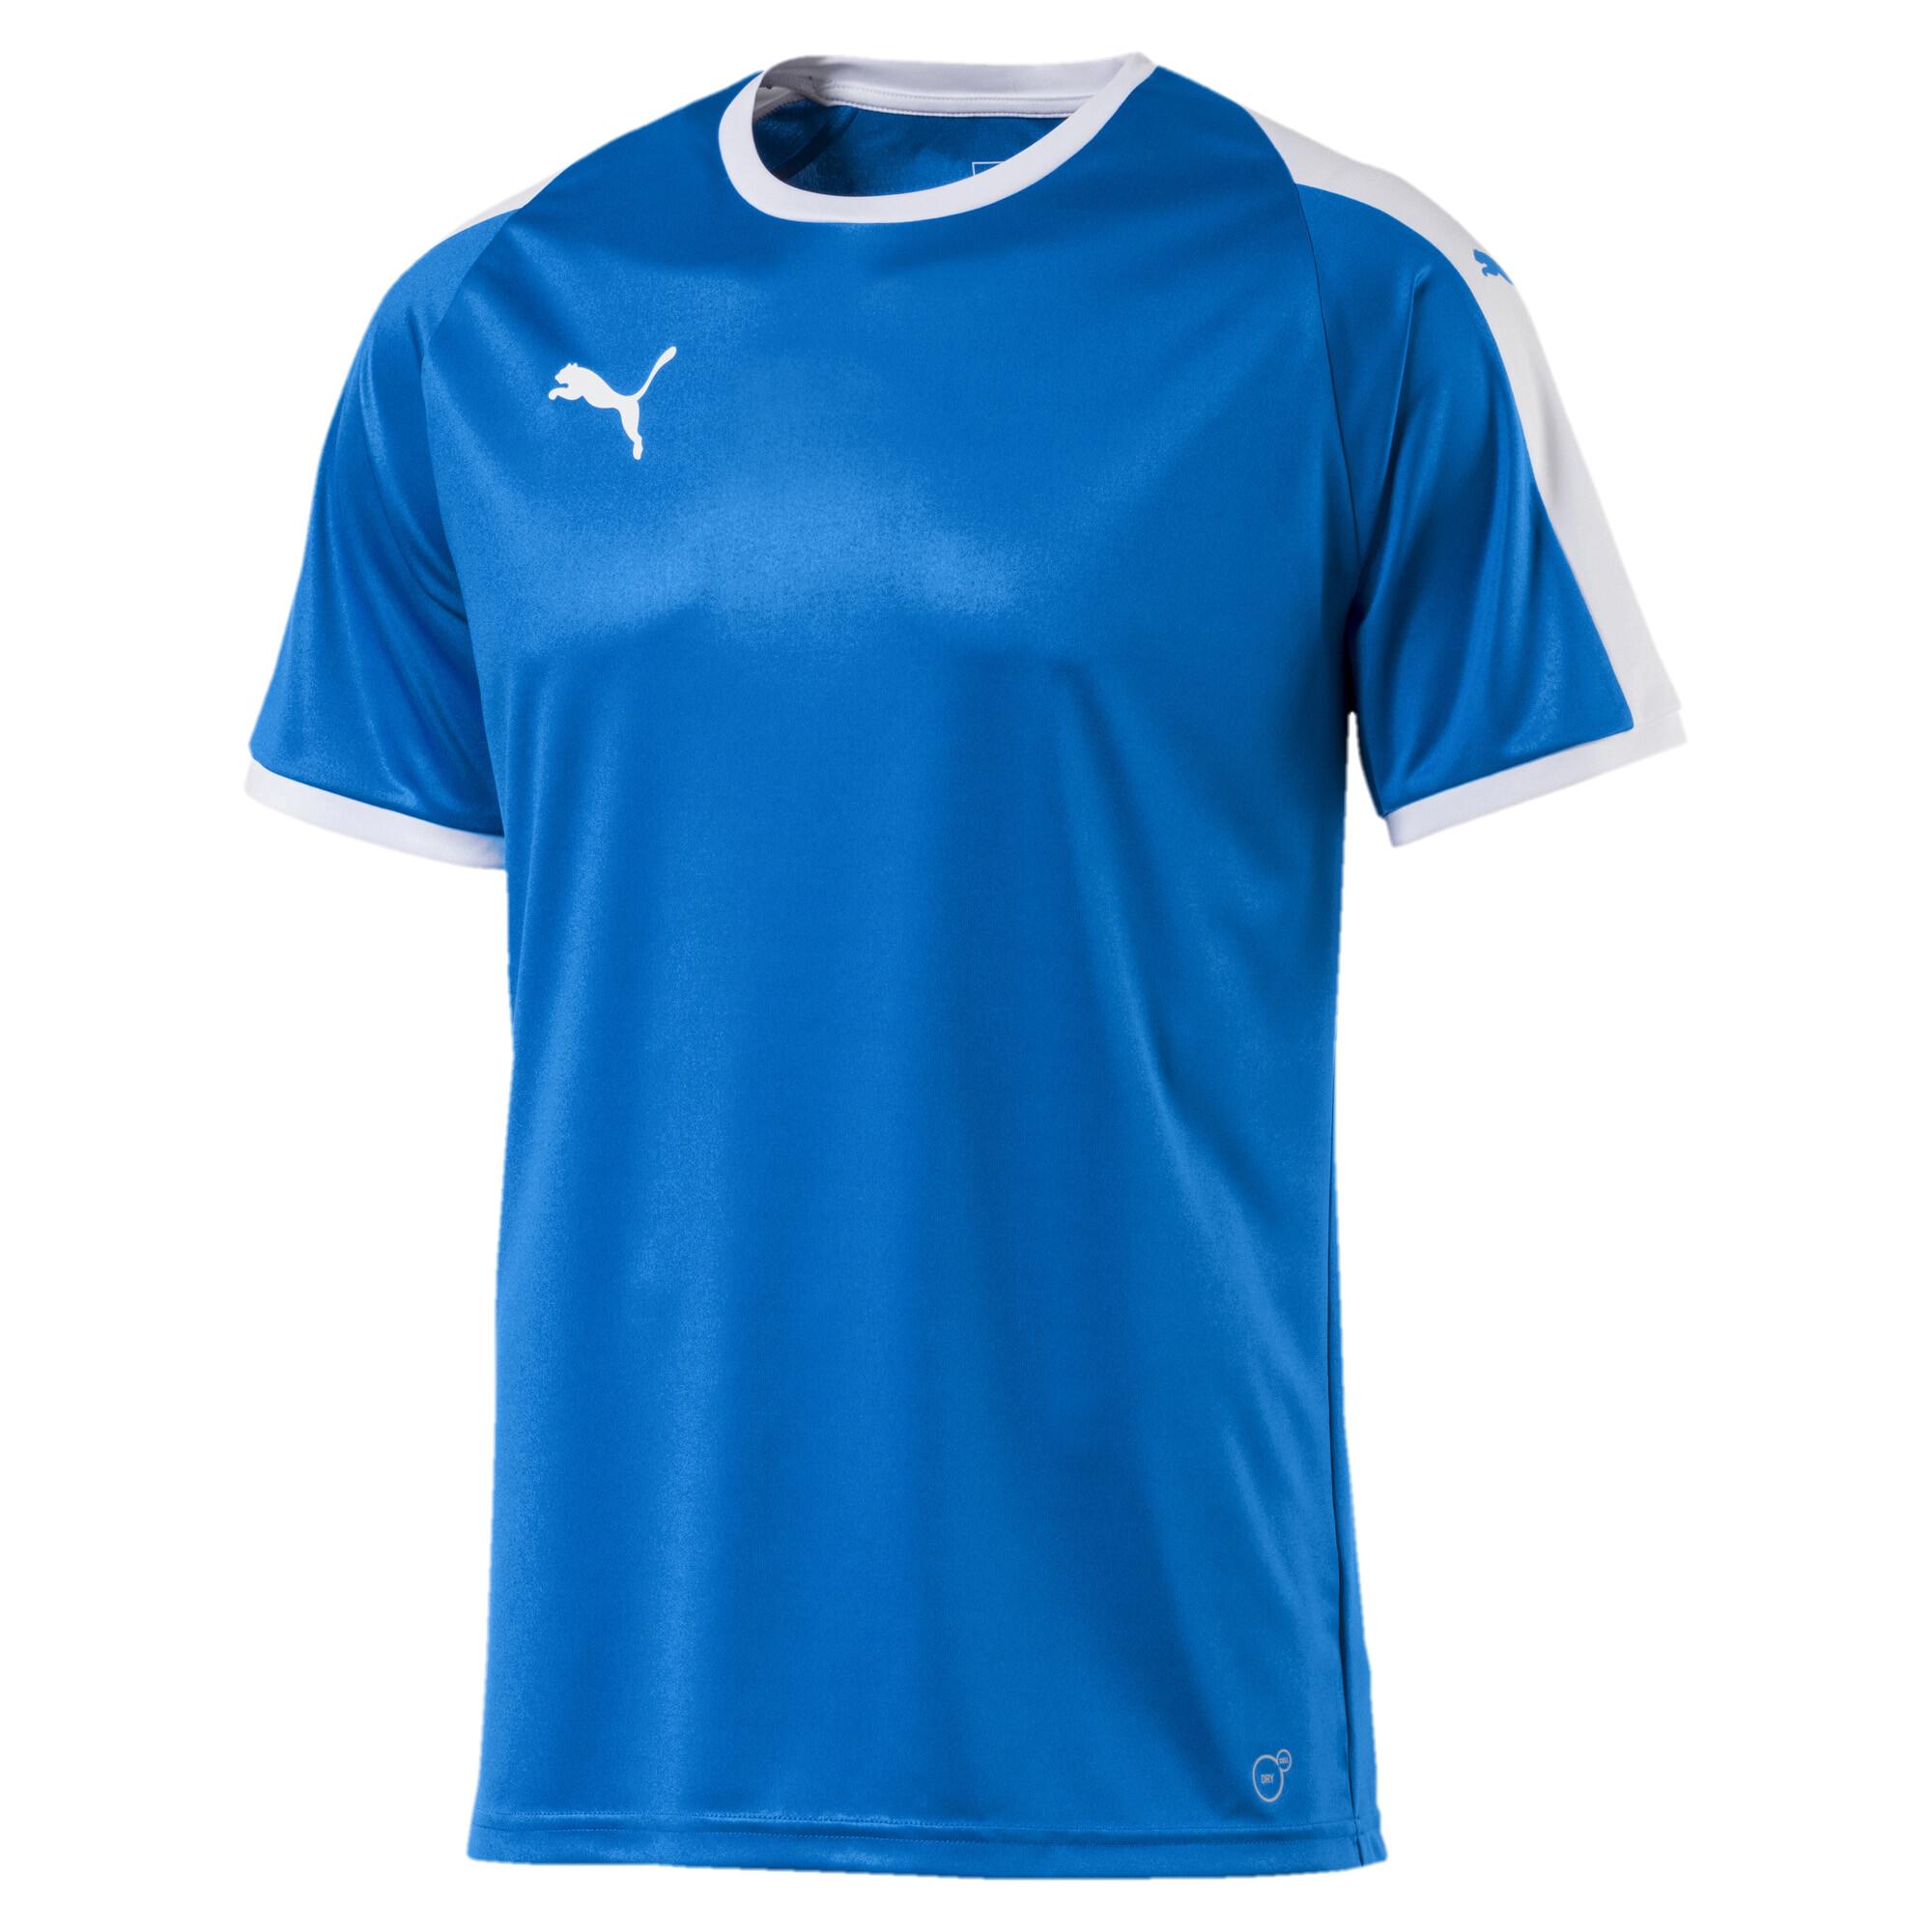 【プーマ公式通販】 プーマ LIGA ゲームシャツ メンズ Electric Blue Lemonade-White |PUMA.com